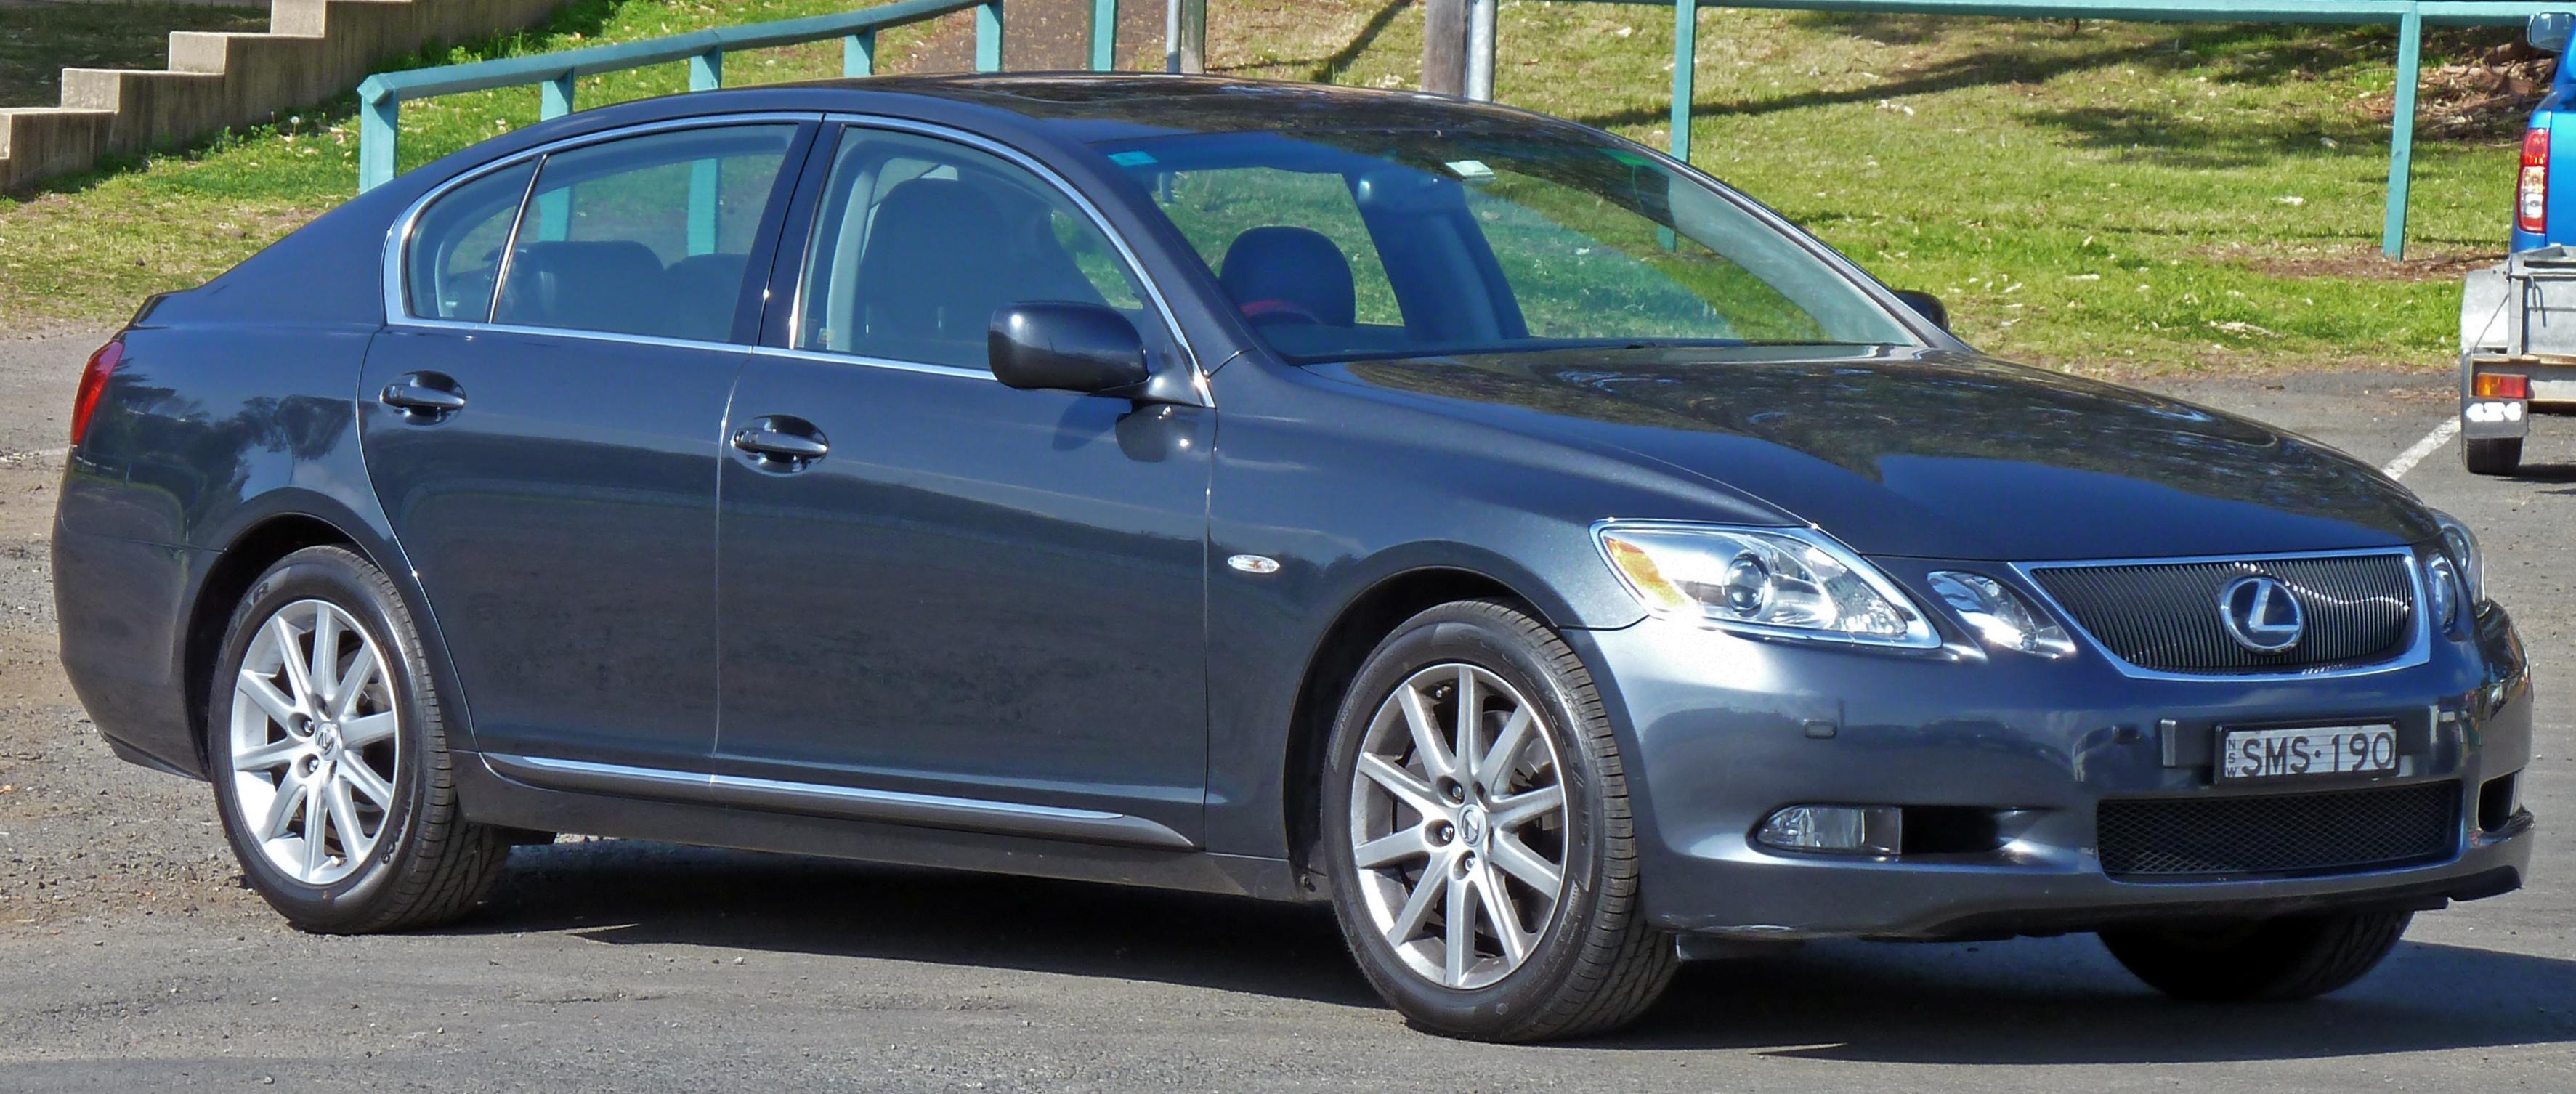 file:2005-2008 lexus gs 300 (grs190r) sports luxury sedan 01